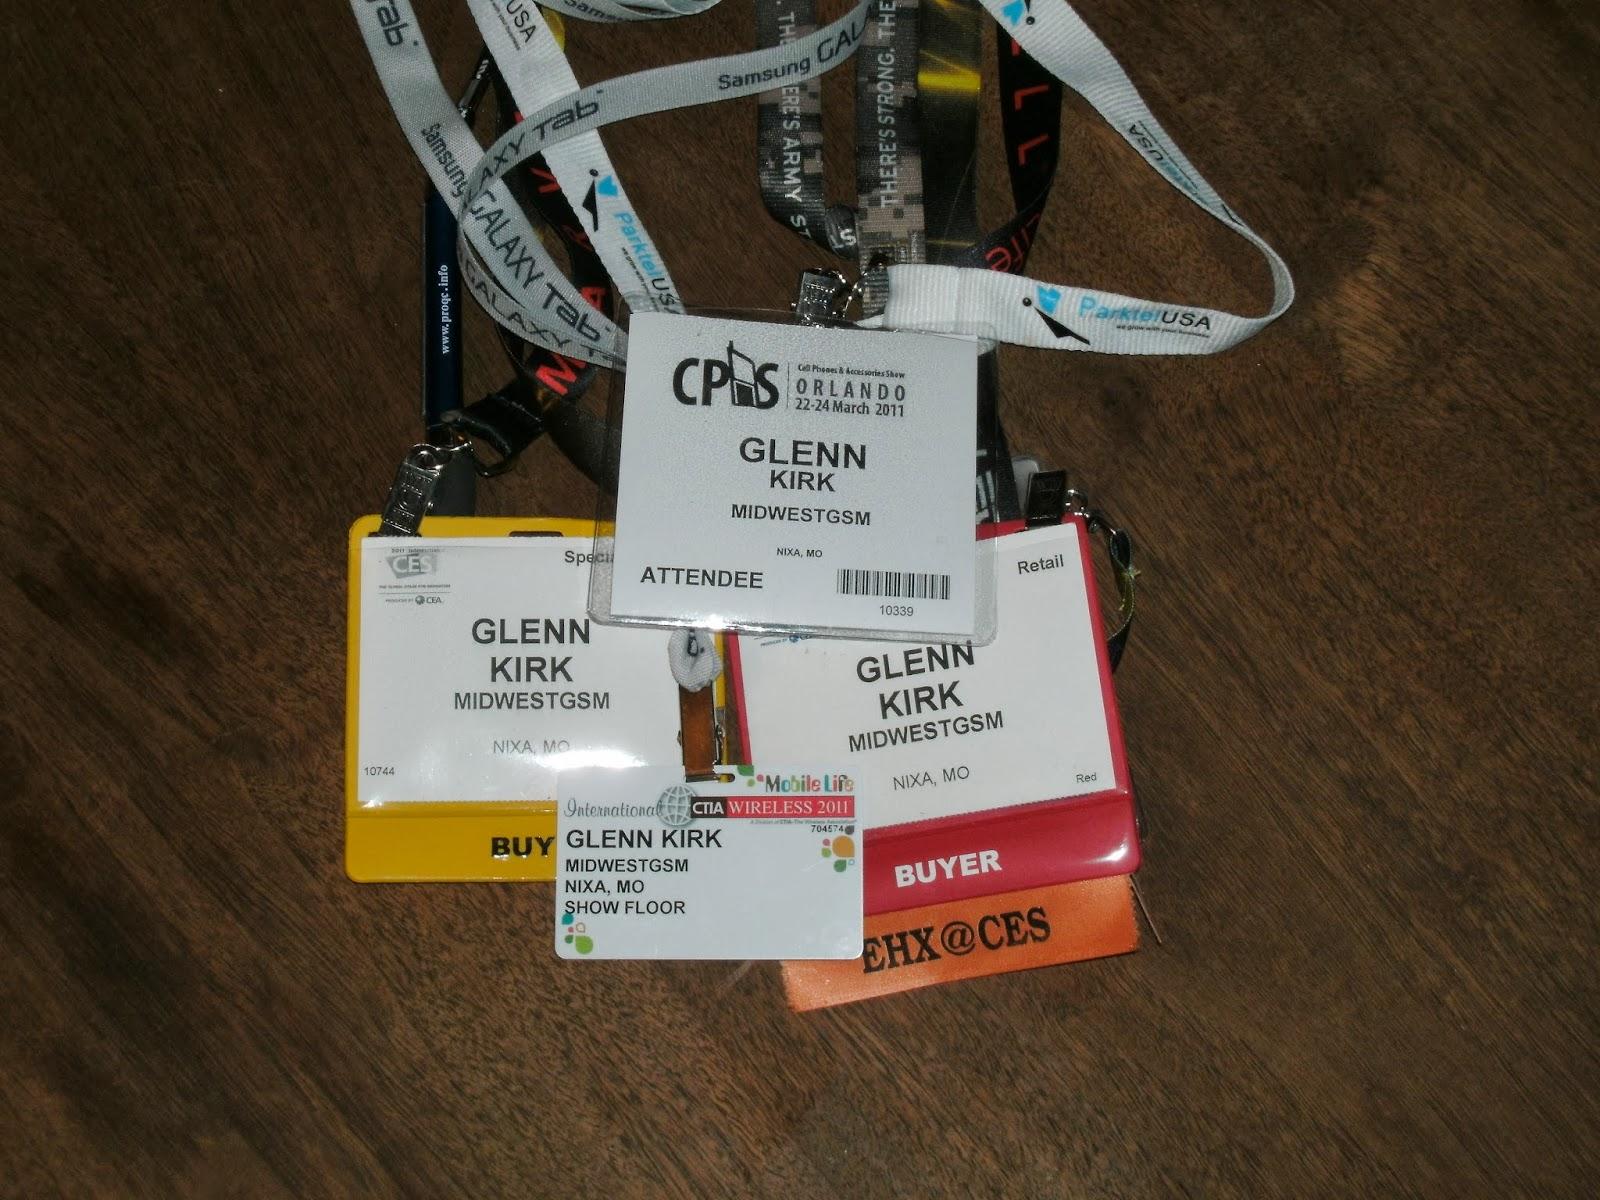 MidwestGSM CTIA CES CPAS badges